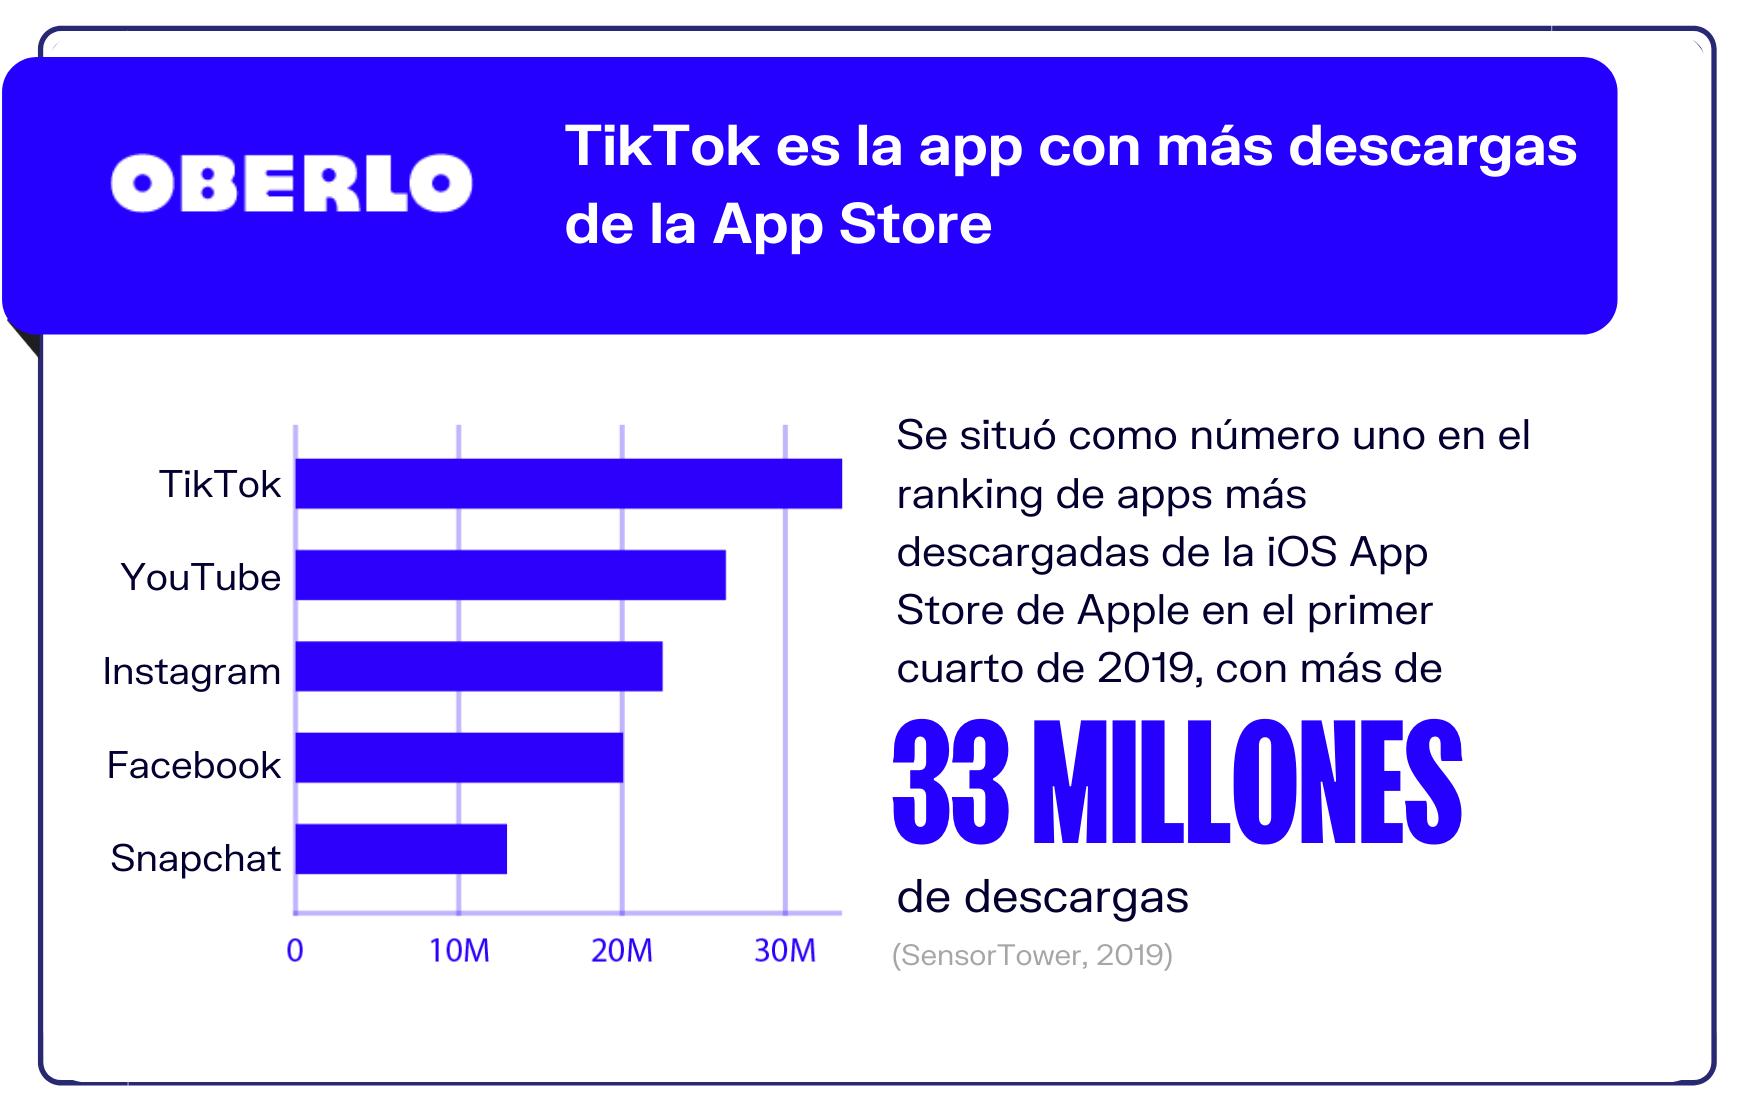 3-TikTok-la-app-mas-descargada